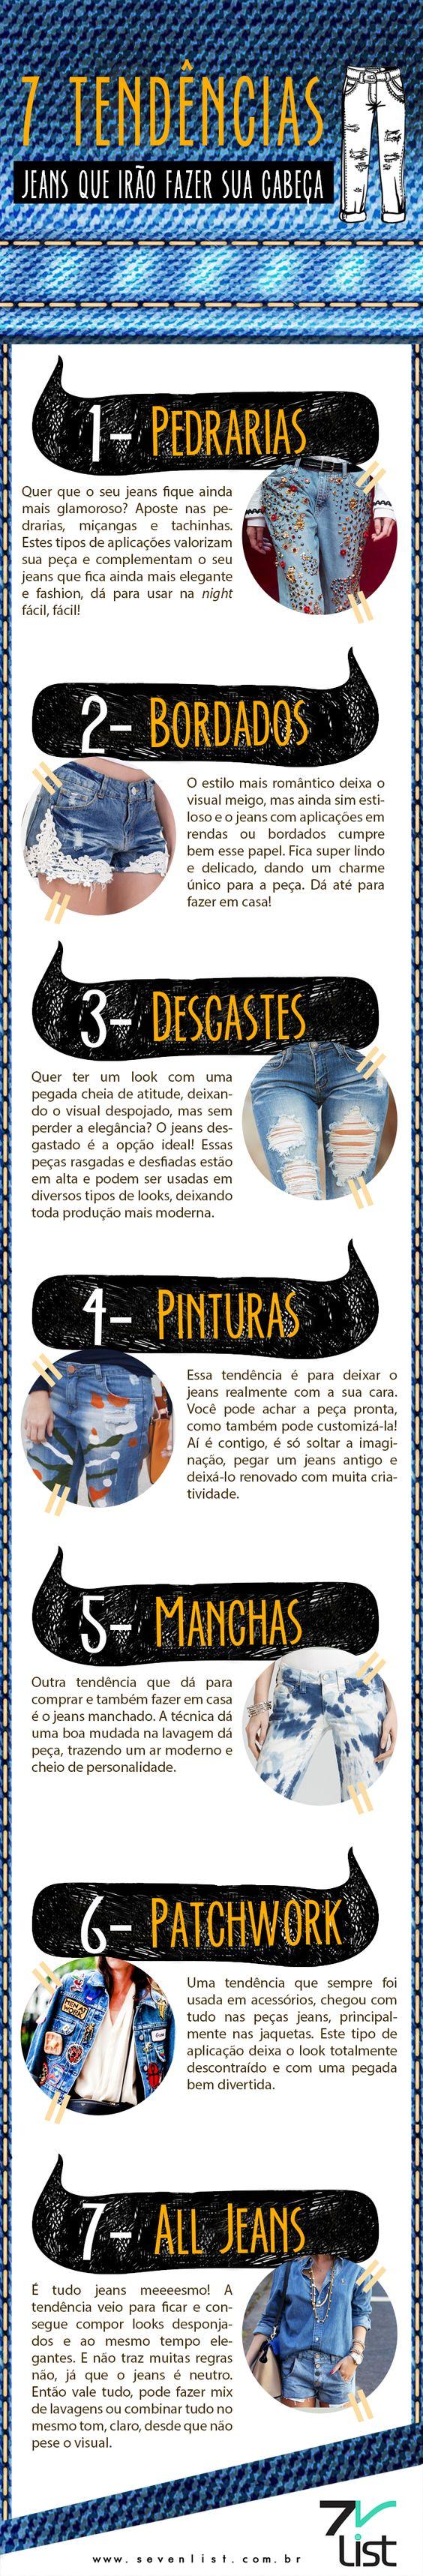 O jeans é uma das peças mais democráticas que existe em nosso guarda-roupa e é claro nunca sai de moda. Por isso separamos 7 tendências com o tecido que irão fazer sua cabeça. www.sevenlist.com.br Infográfico, Design, Moda, Jeans, Jeans com pedrarias, Jeans com bordados, Jeans  com desgastes, Jeans com pinturas, Jeans com manchas, Jeans com patchworks, All jeans, Fashion jeans: